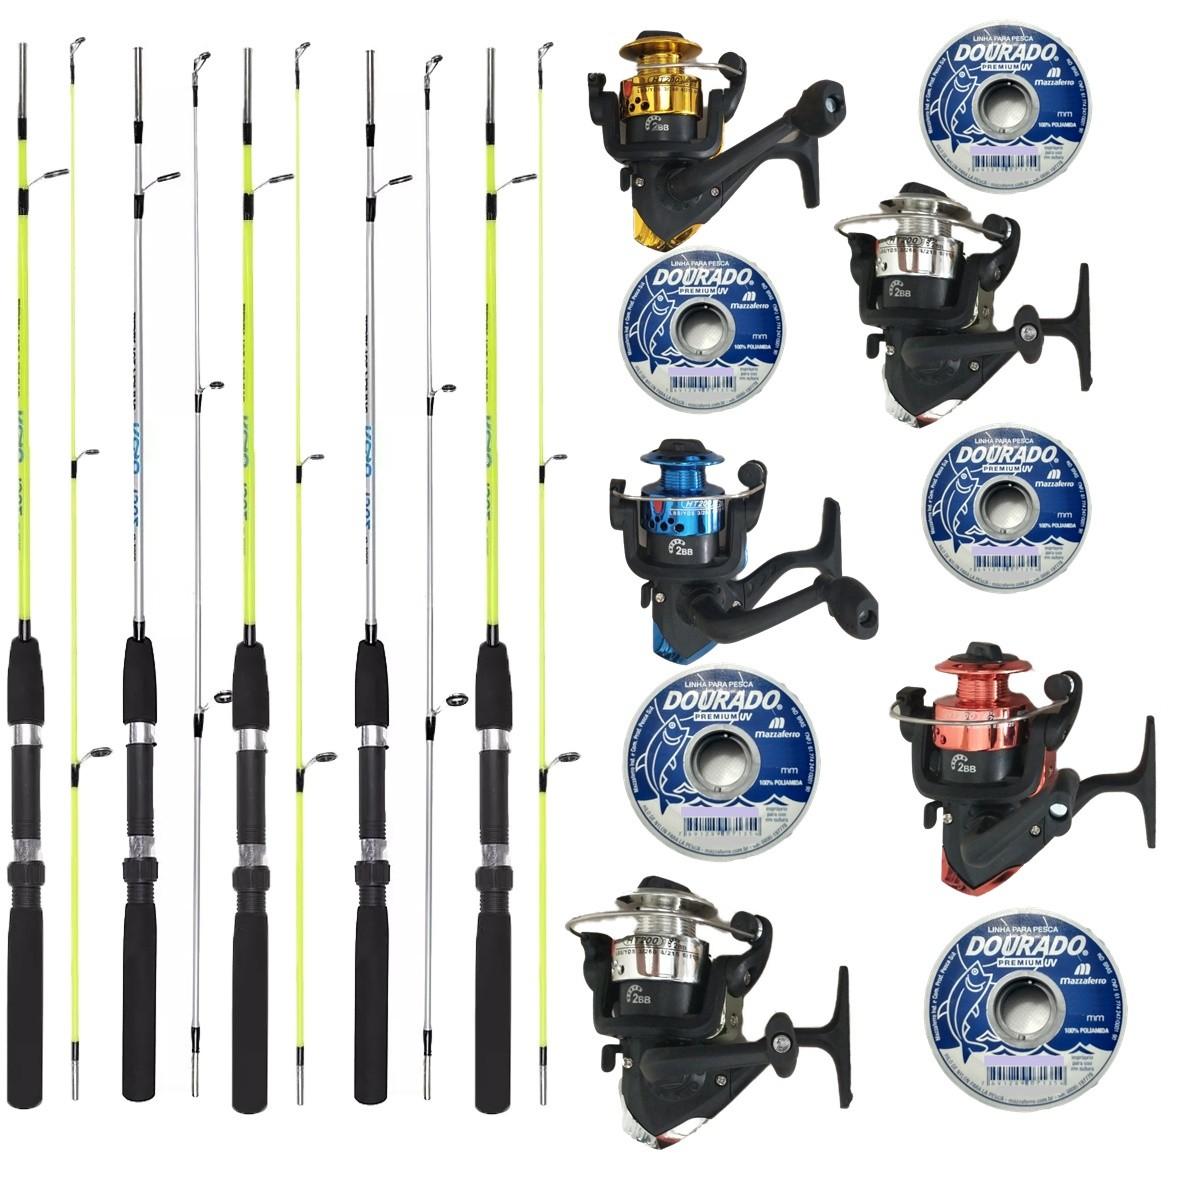 Kit Pesca 5 Molinetes C/ Linha E 5 Varas 1,35m Oferta Barato